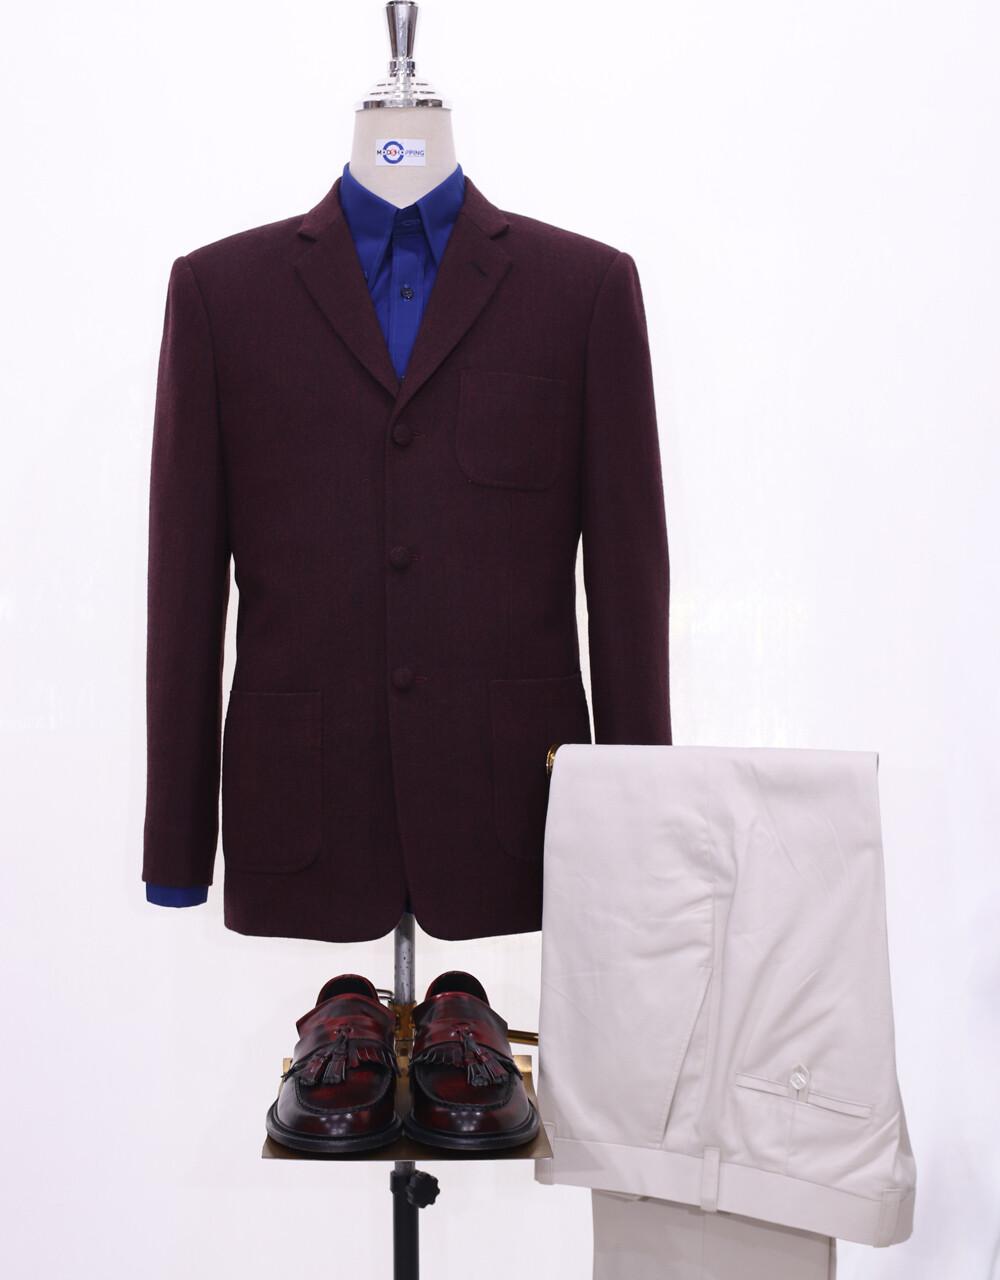 Herringbone Jacket | 60s Style Maroon Tweed Jacket